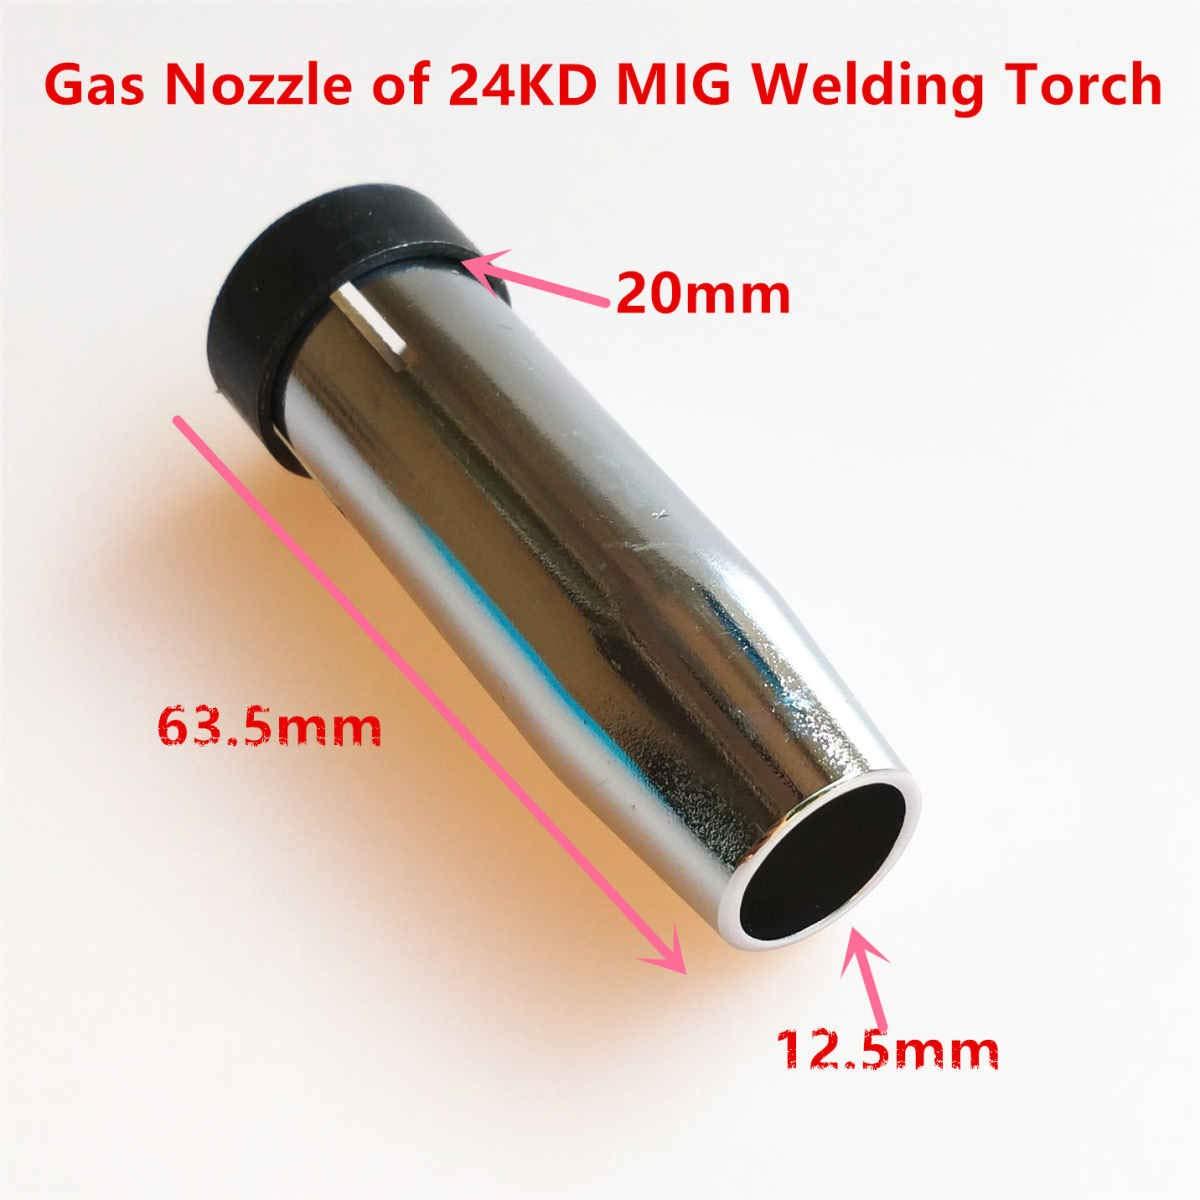 Lot de 35 lampe-torche /à souder 24 KD 0,8 mm 1,0 mm 1,2 mm MIG lampe de poche /à gaz Diffuseur de gaz pour machine /à souder MIG MAG 24KD Consumables 1.2mm 0.047in